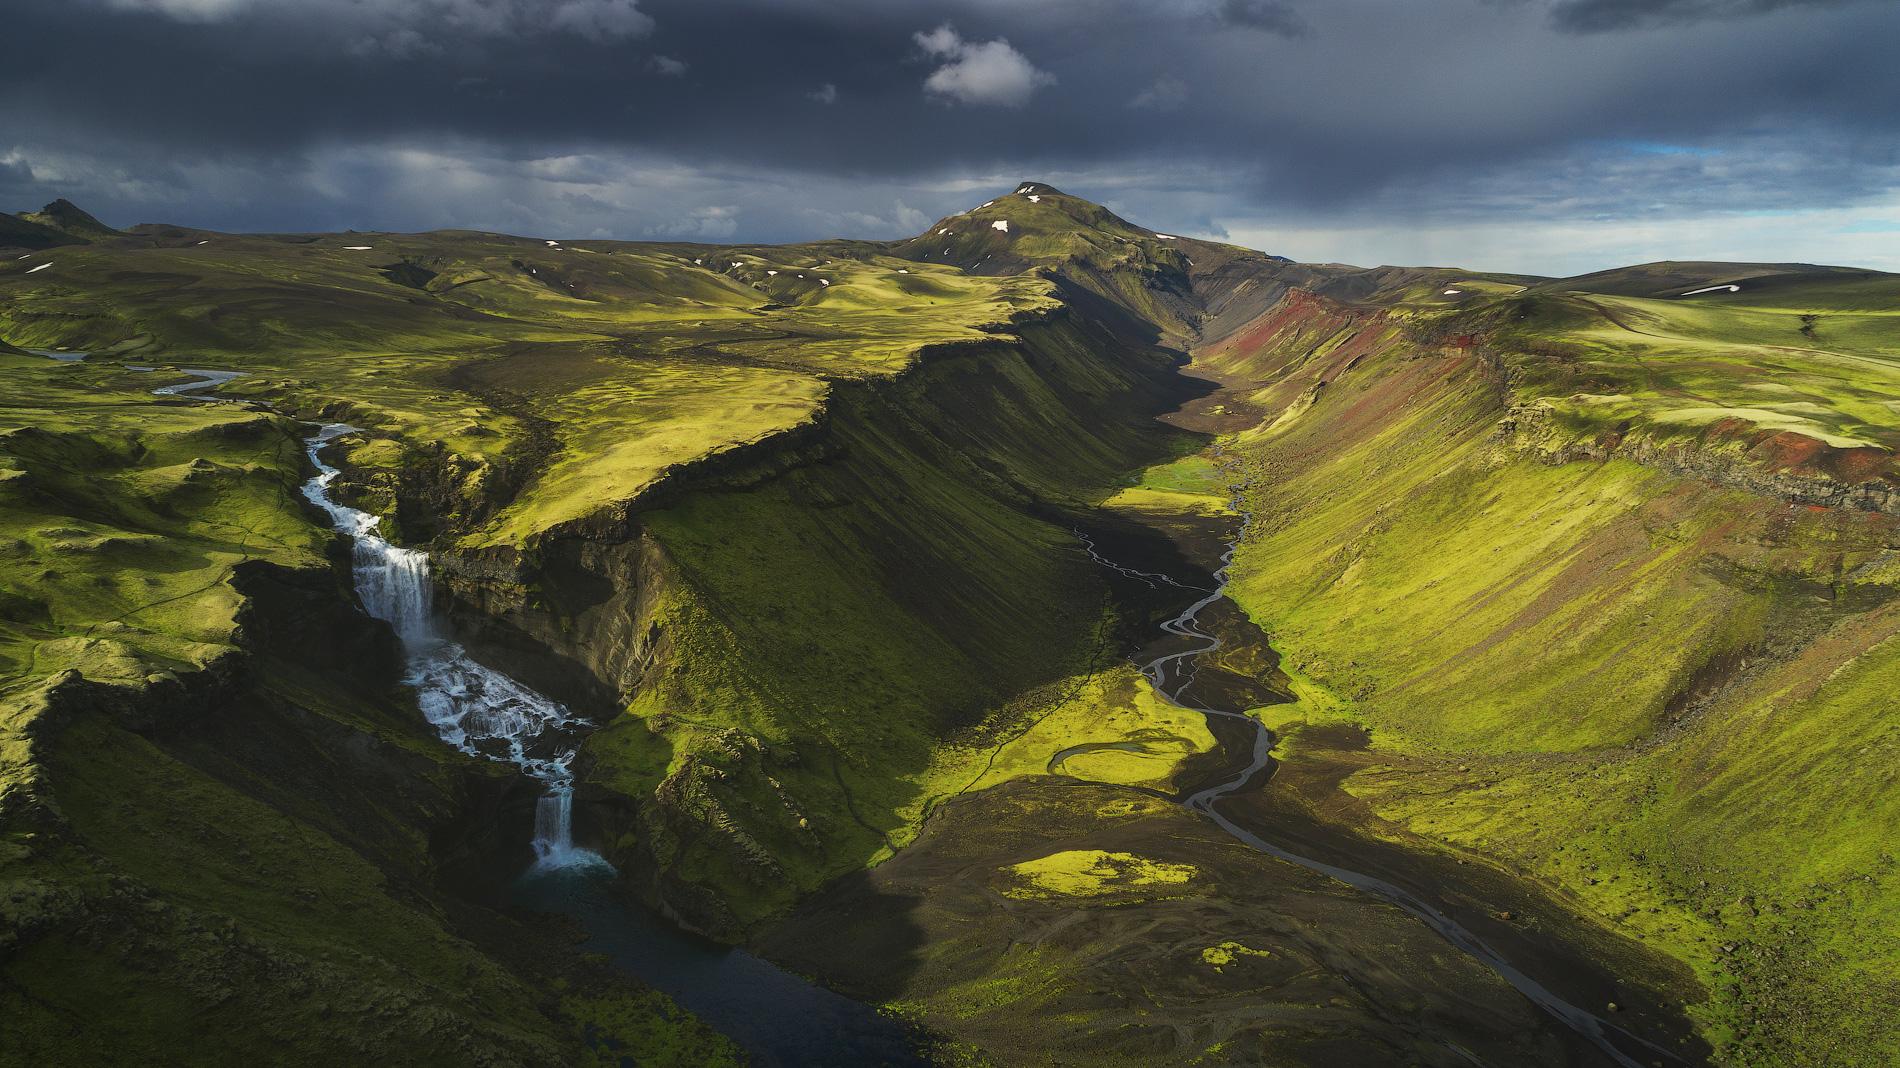 Eine spektakuläre Schlucht in den isländischen Highlands.